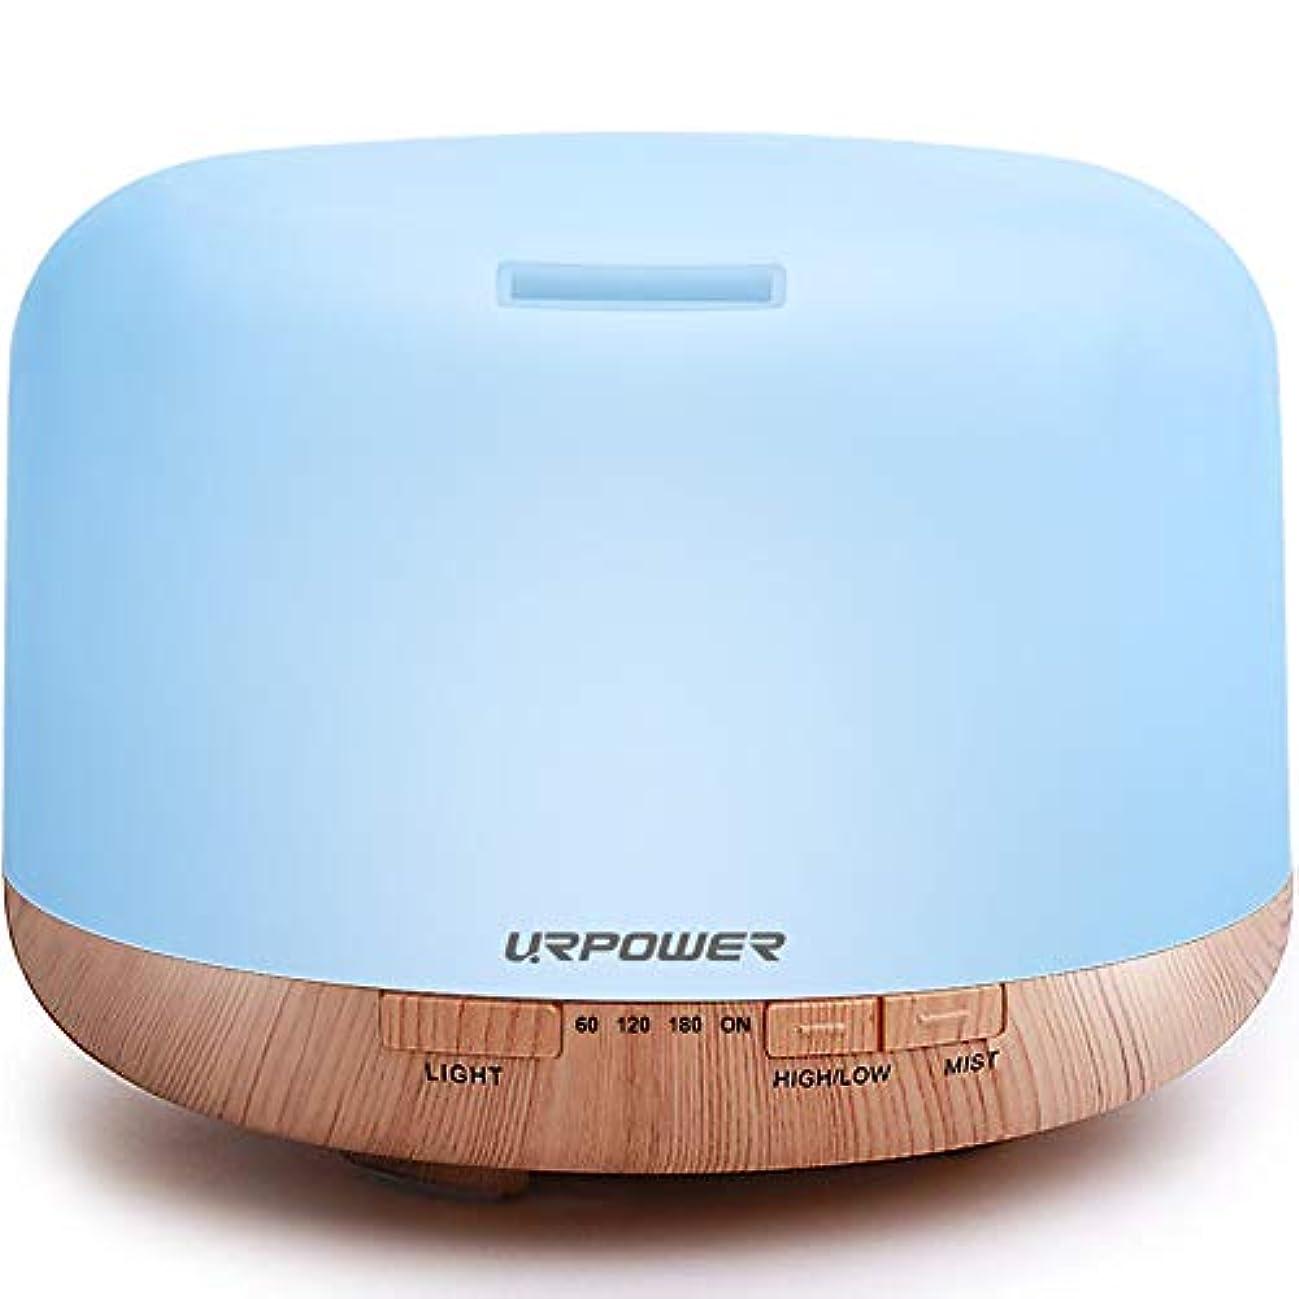 敬意維持する敬意URPOWER アロマセラピー エッセンシャルオイルディフューザー 加湿器 ルームインテリア照明 500ミリリットル 4タイマー設定 7色変化LEDランプ 無水自動遮断 ホワイト OD-501